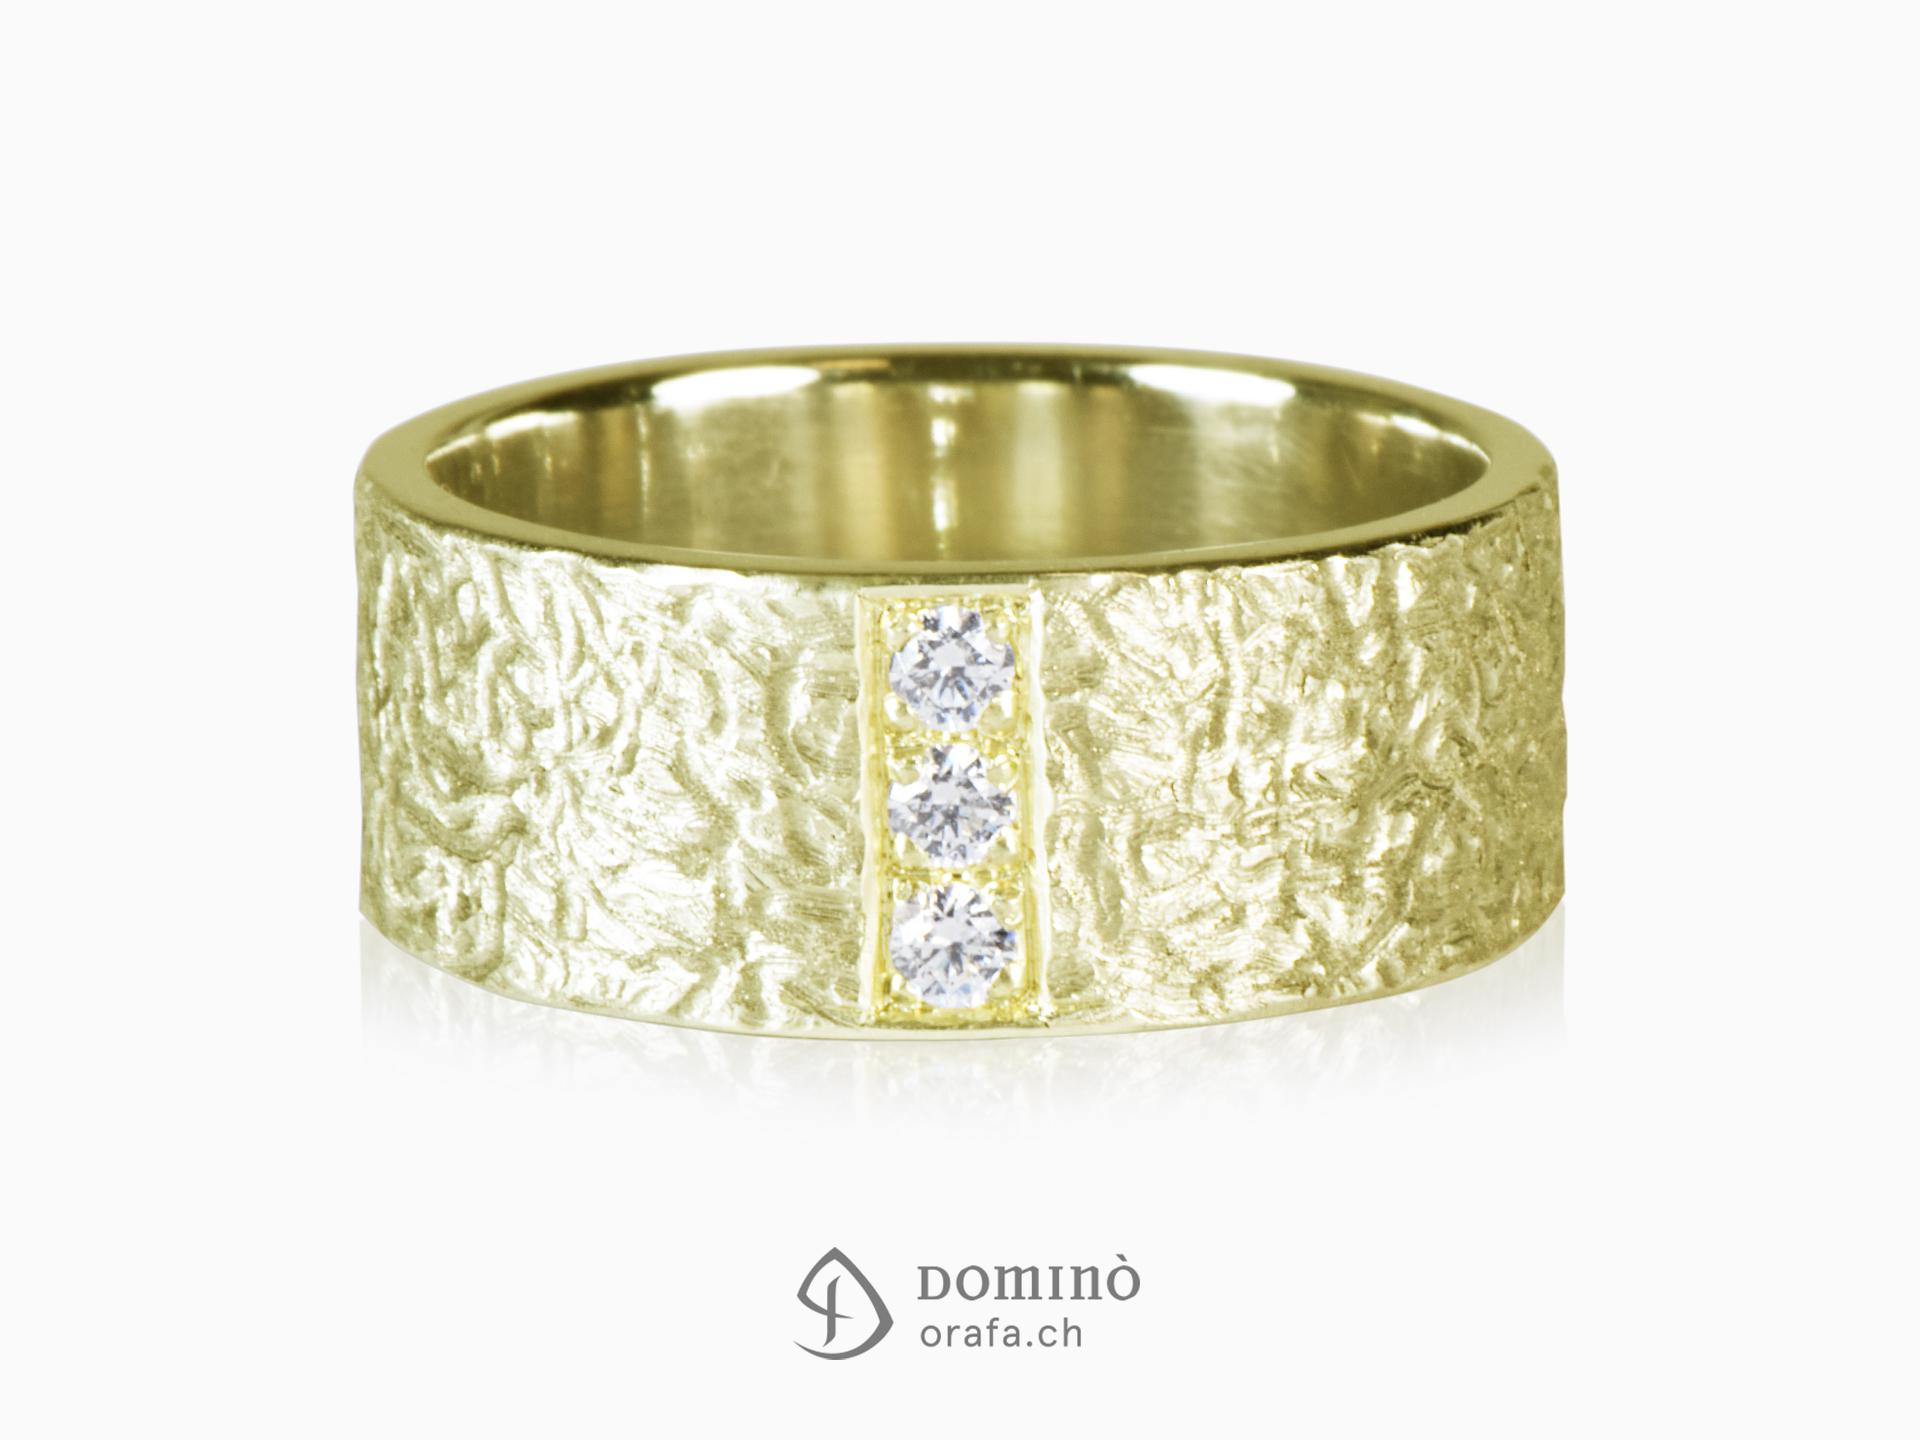 anello-corteccia-3-diamanti-pave-oro-giallo